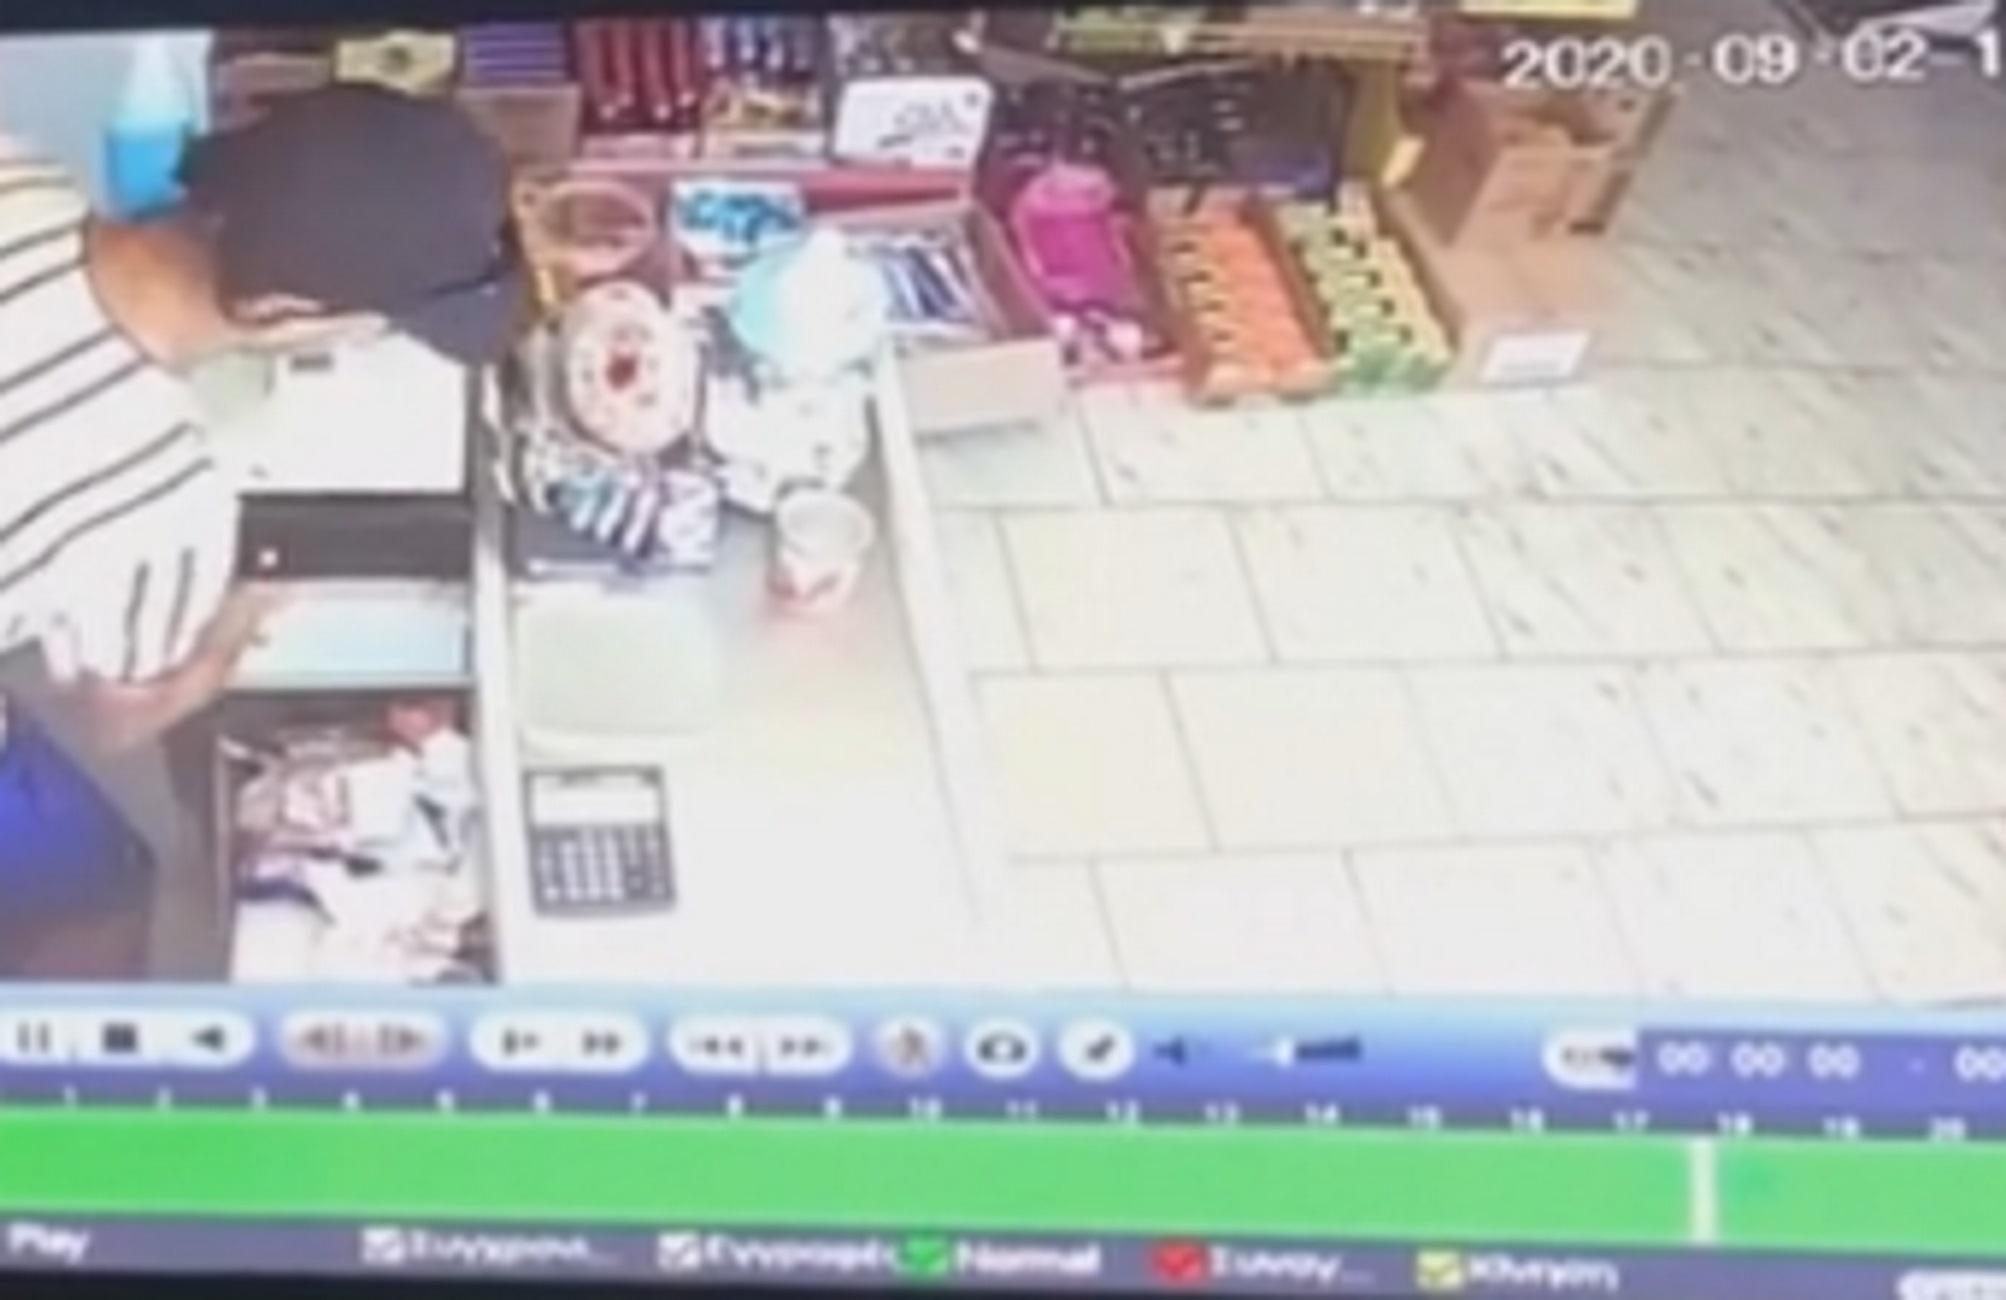 Έβρος: Αλλοδαποί έκλεψαν παντοπωλείο και... έστρωσαν τραπέζι - ΒΙΝΤΕΟ